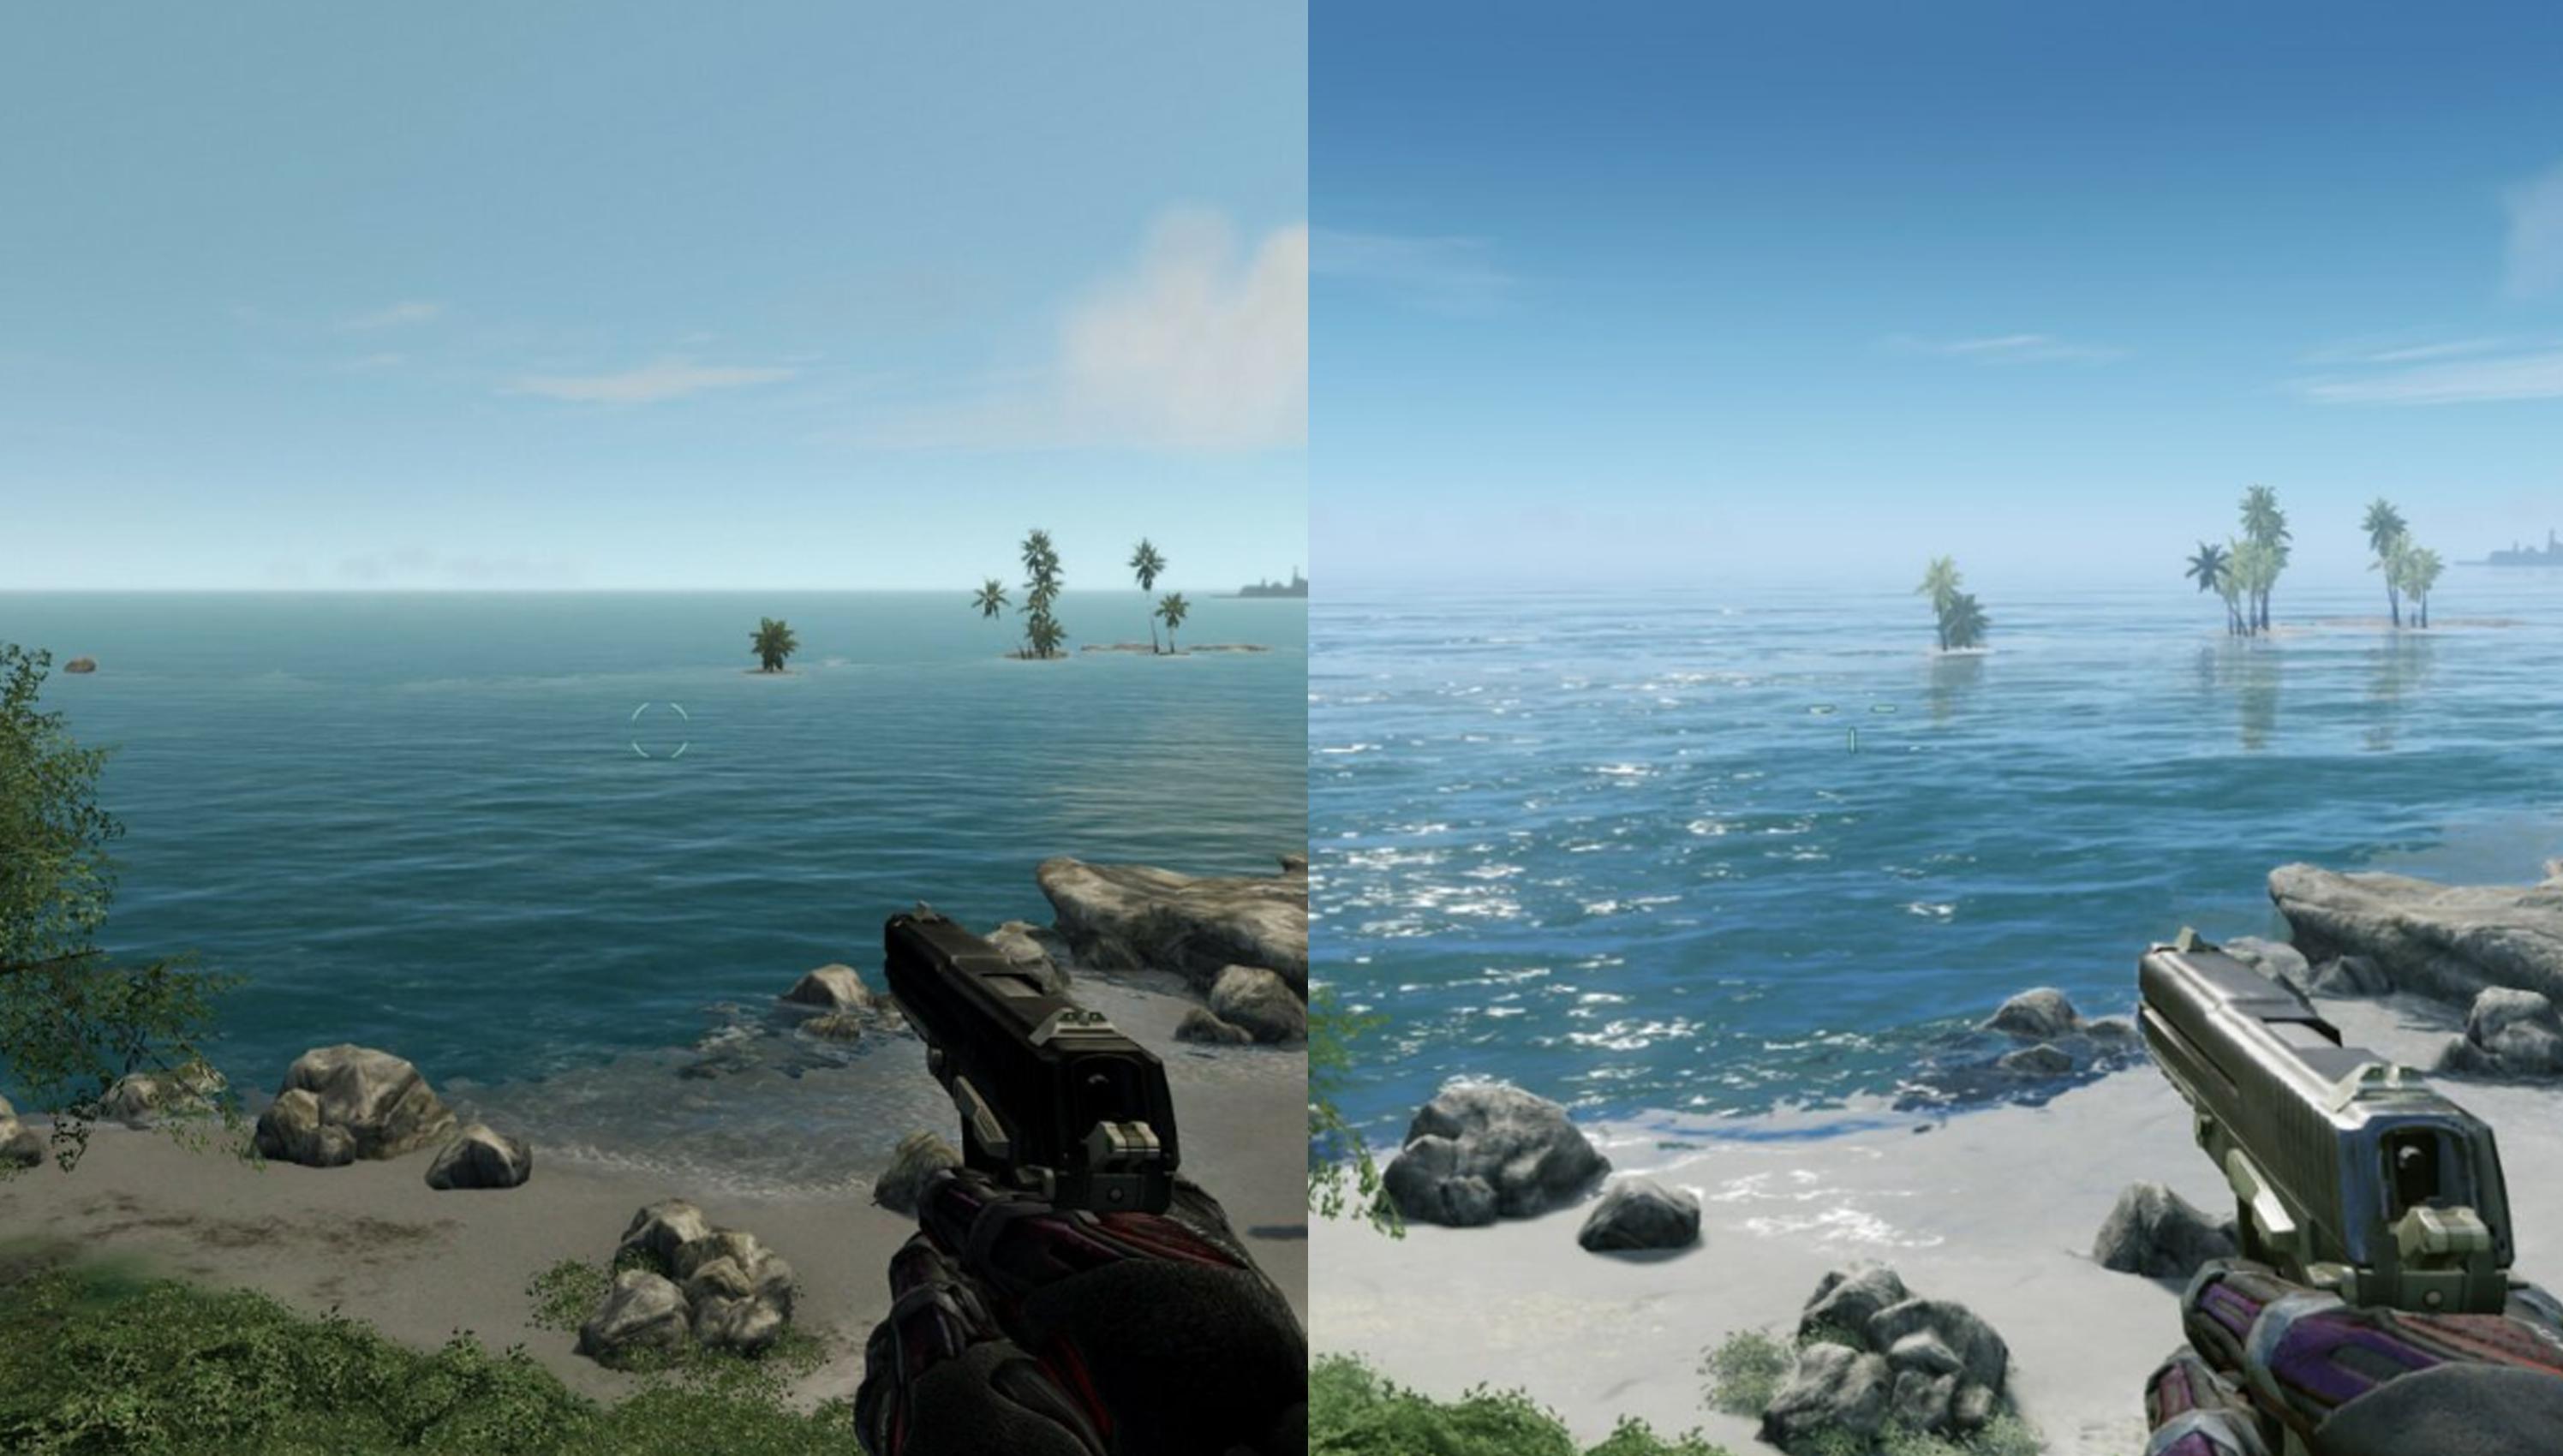 左邊原版,右邊重製版,水面上的差異還是不少。(圖源:resetera/Last_colossi)